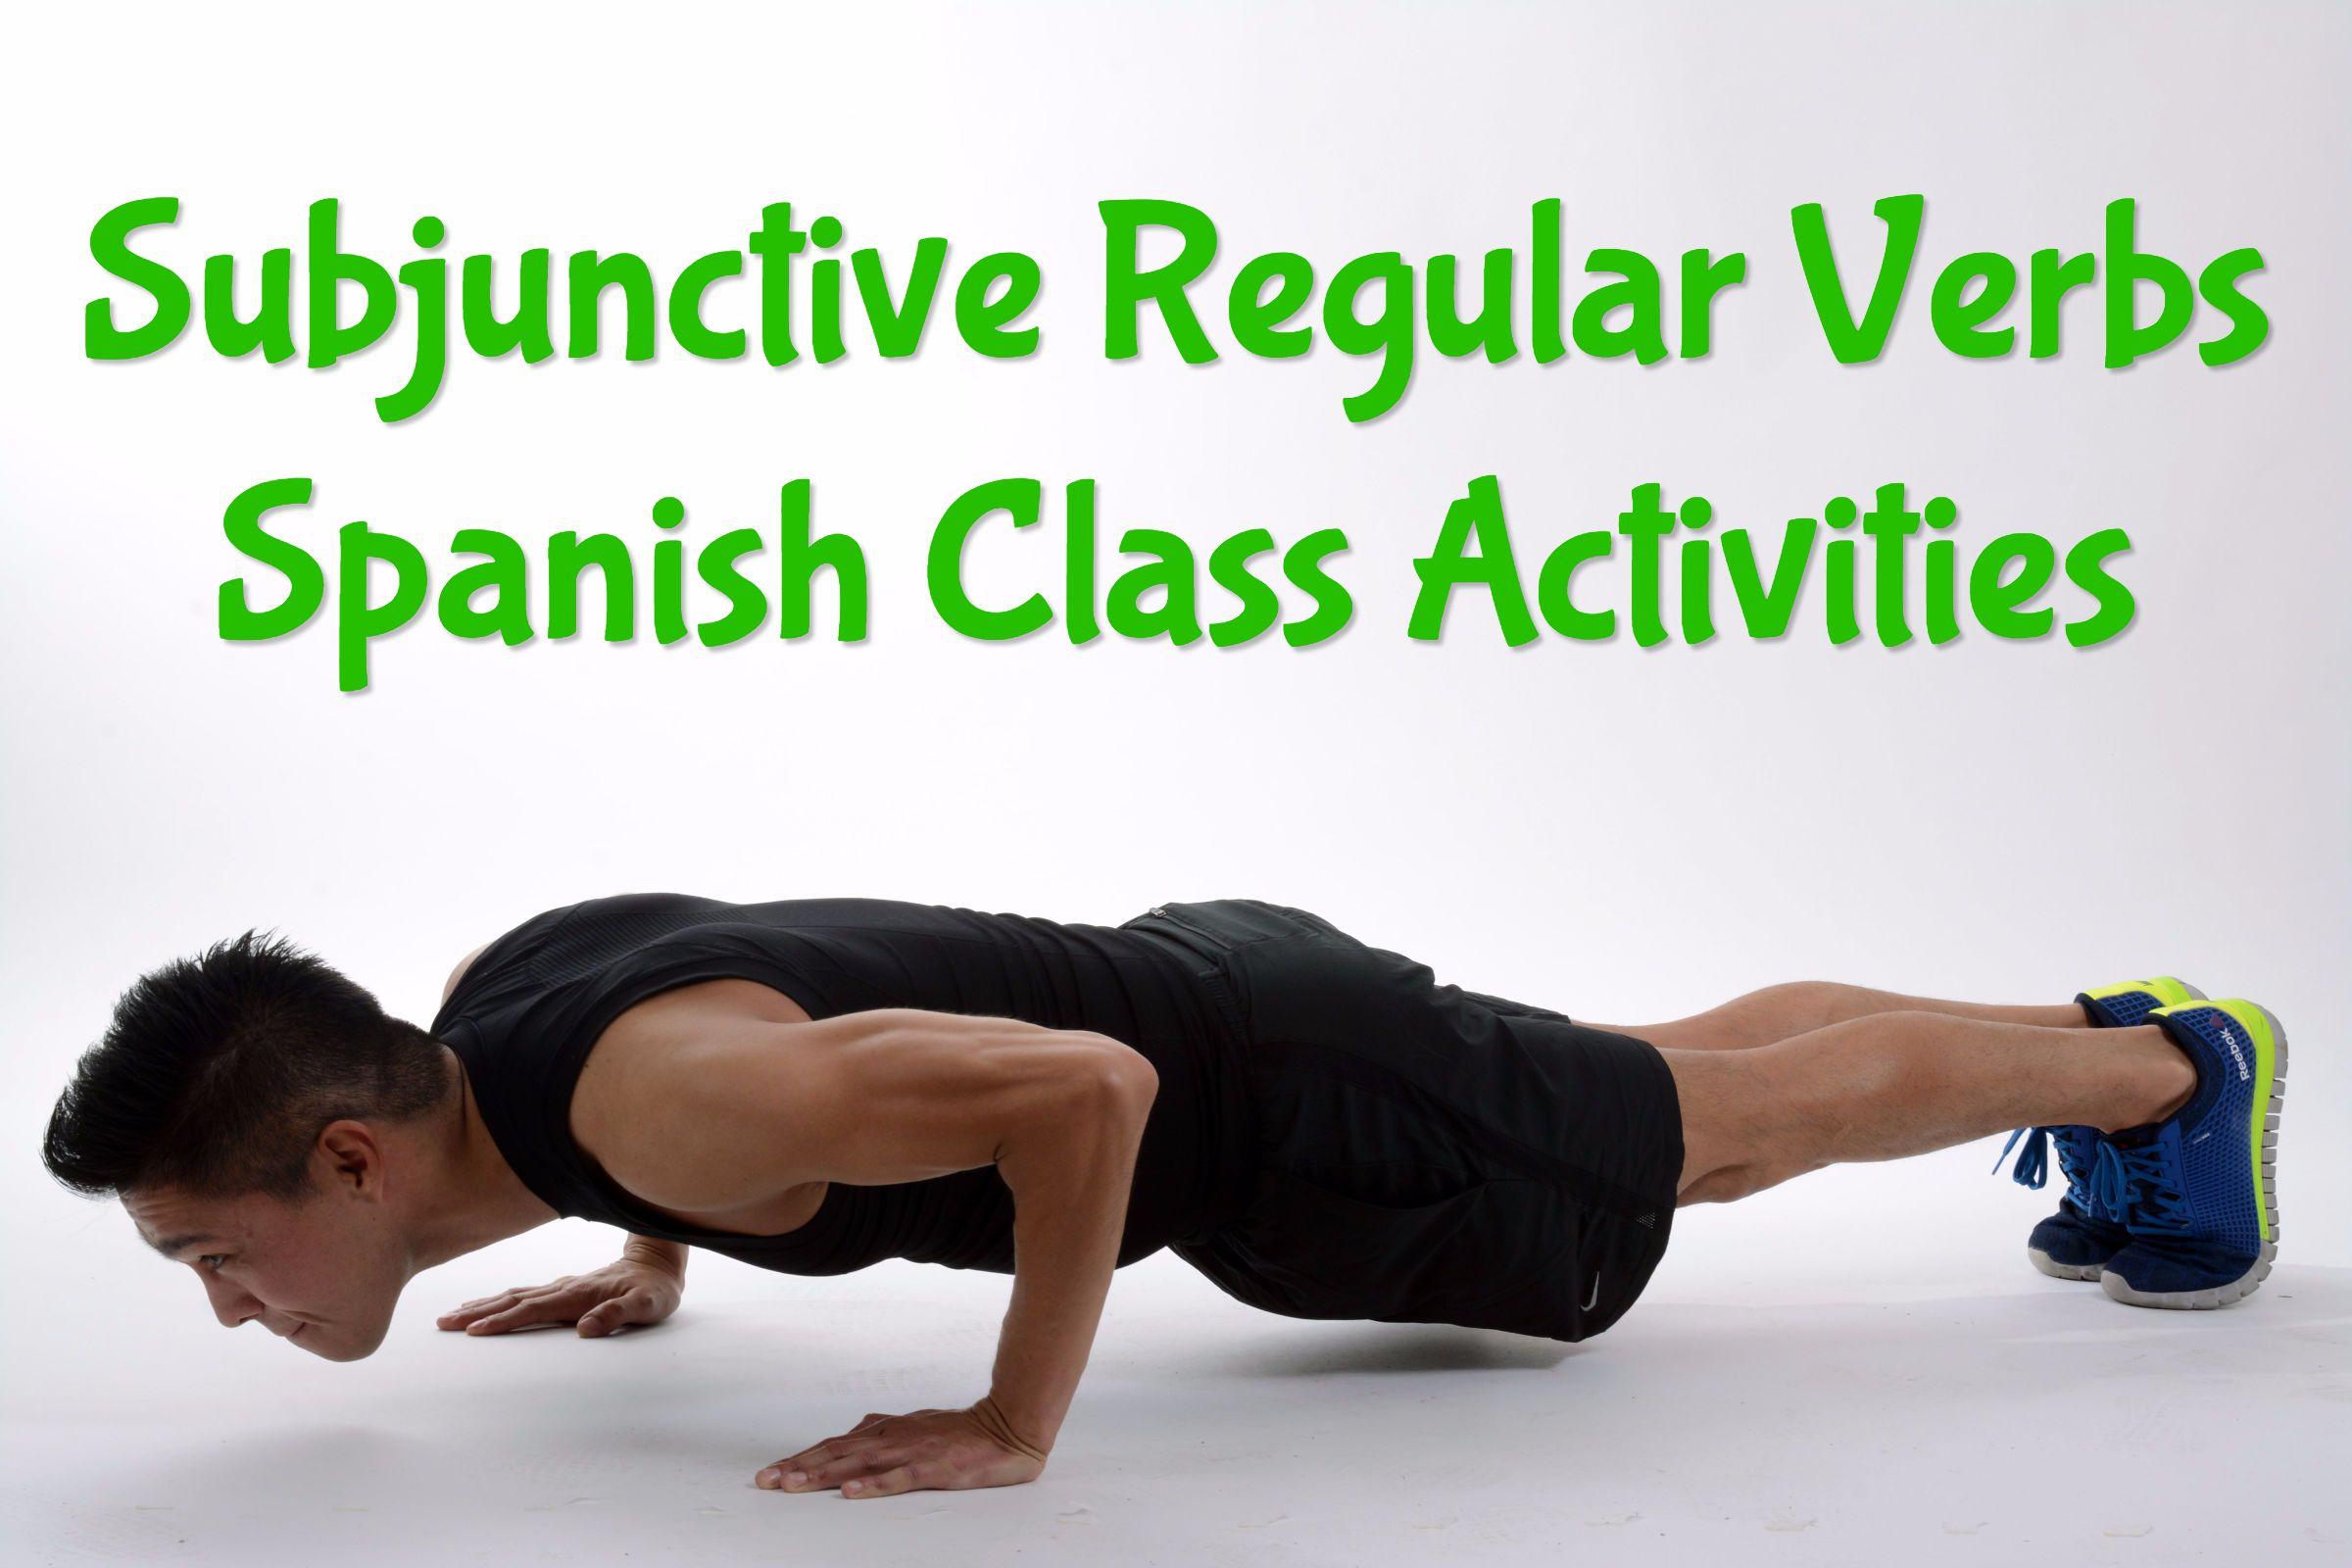 Subjunctive Regular Verbs Spanish Class Activities